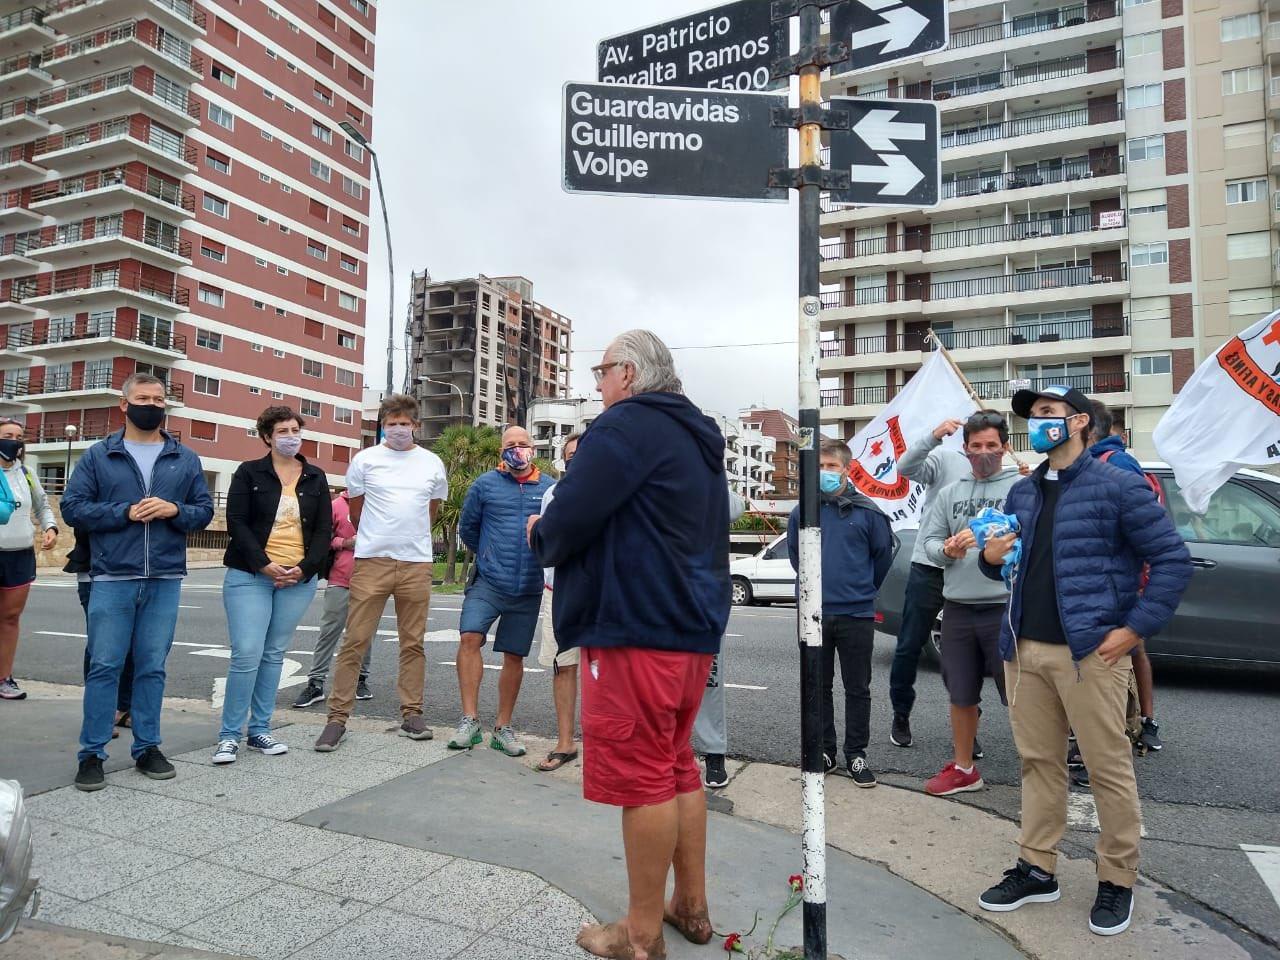 Ponen nombre de guardavidas Guillermo Volpe a calle de Mar de Plata